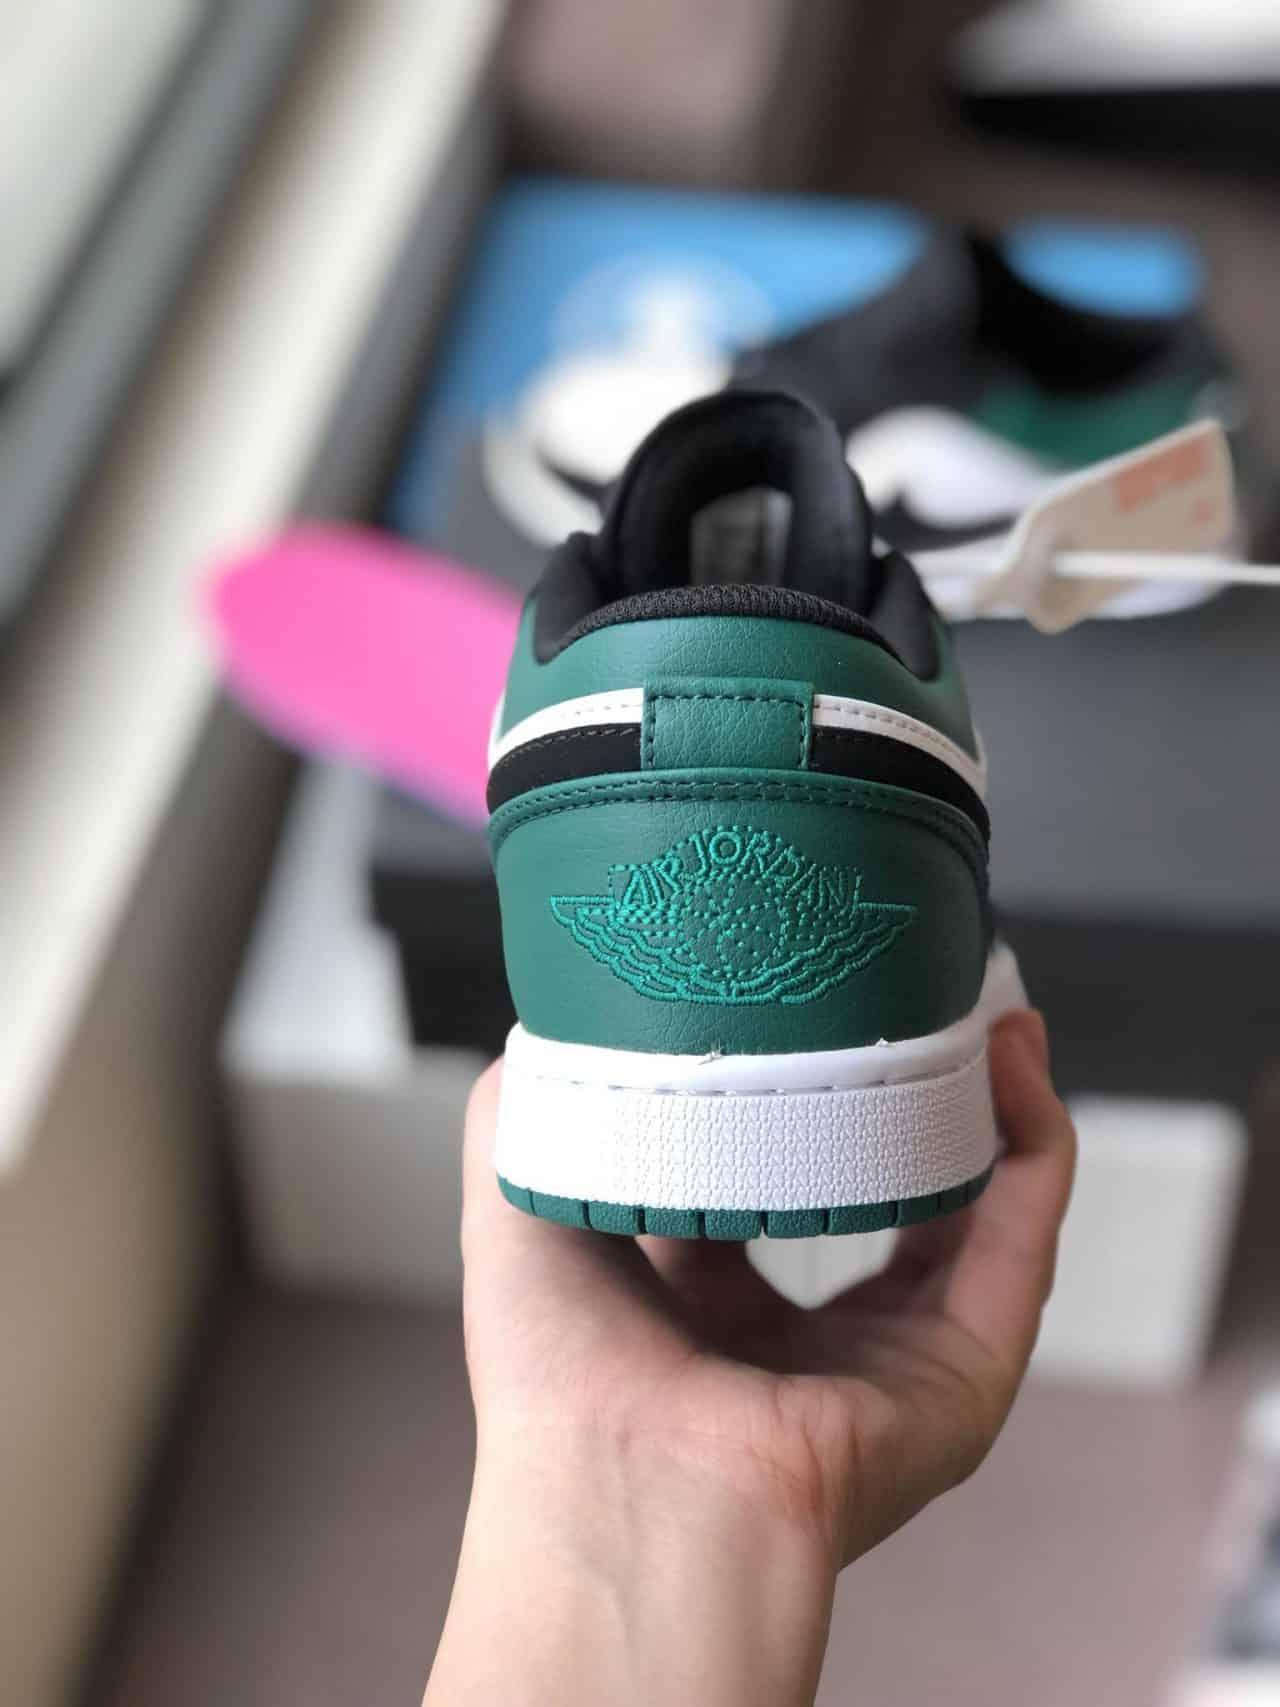 Phần sau đế giày Nike Air Jordan 1 Low Xanh Đen Rep 1:1 được in nổi Snook